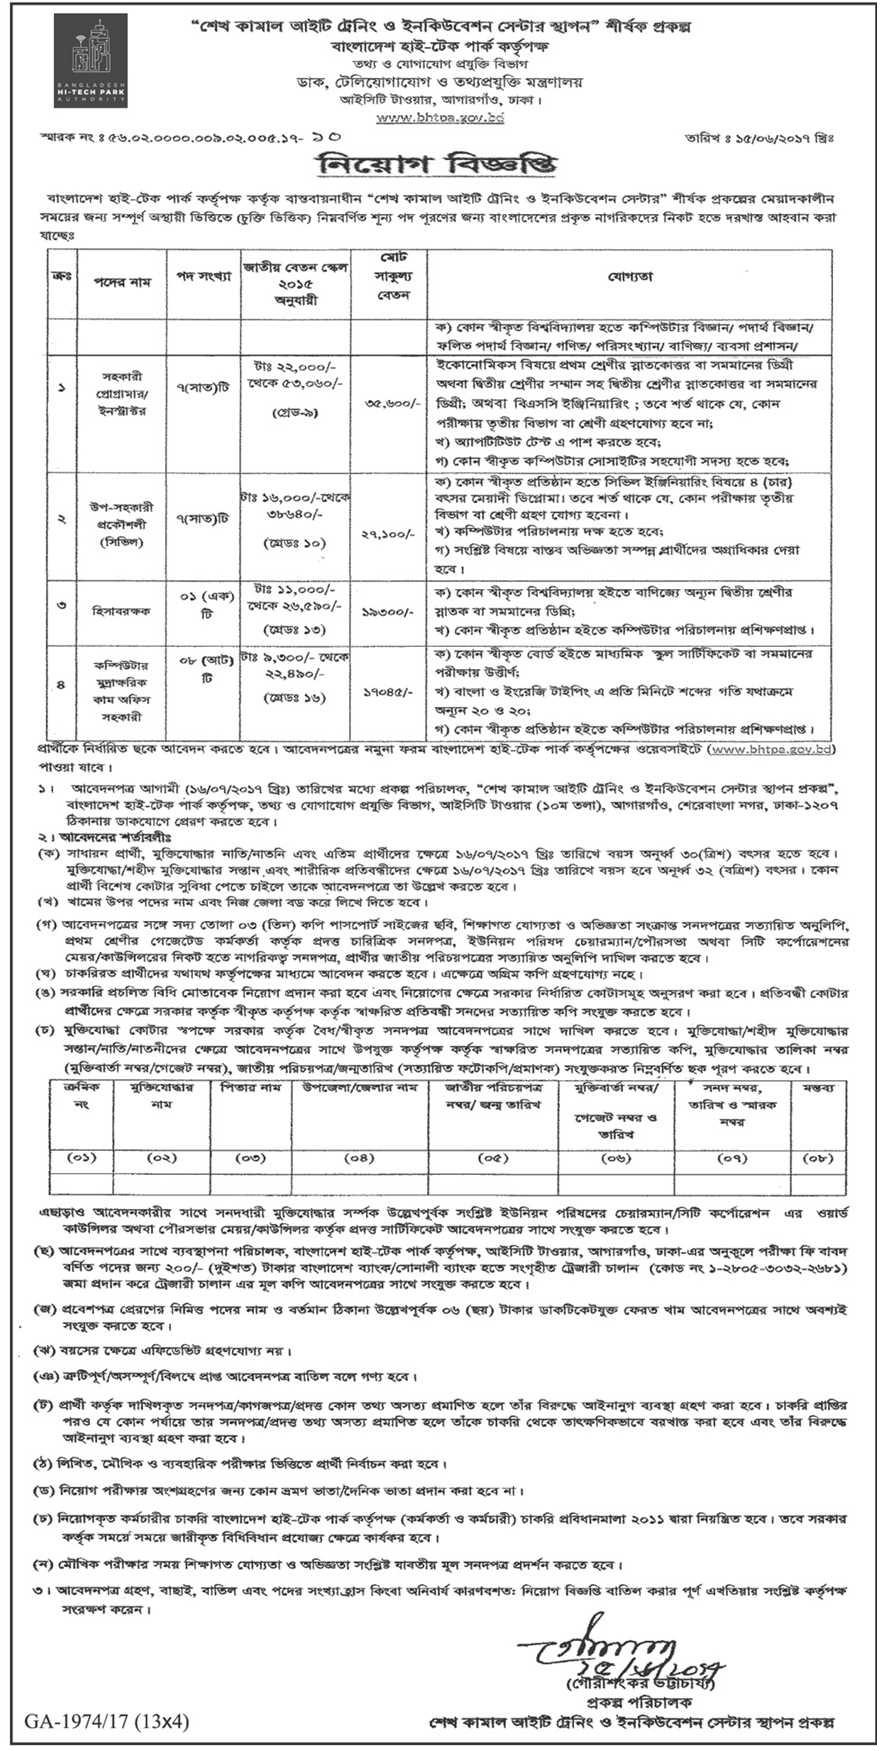 Bangladesh Hi-Tech Park Authority Job Circular 2017